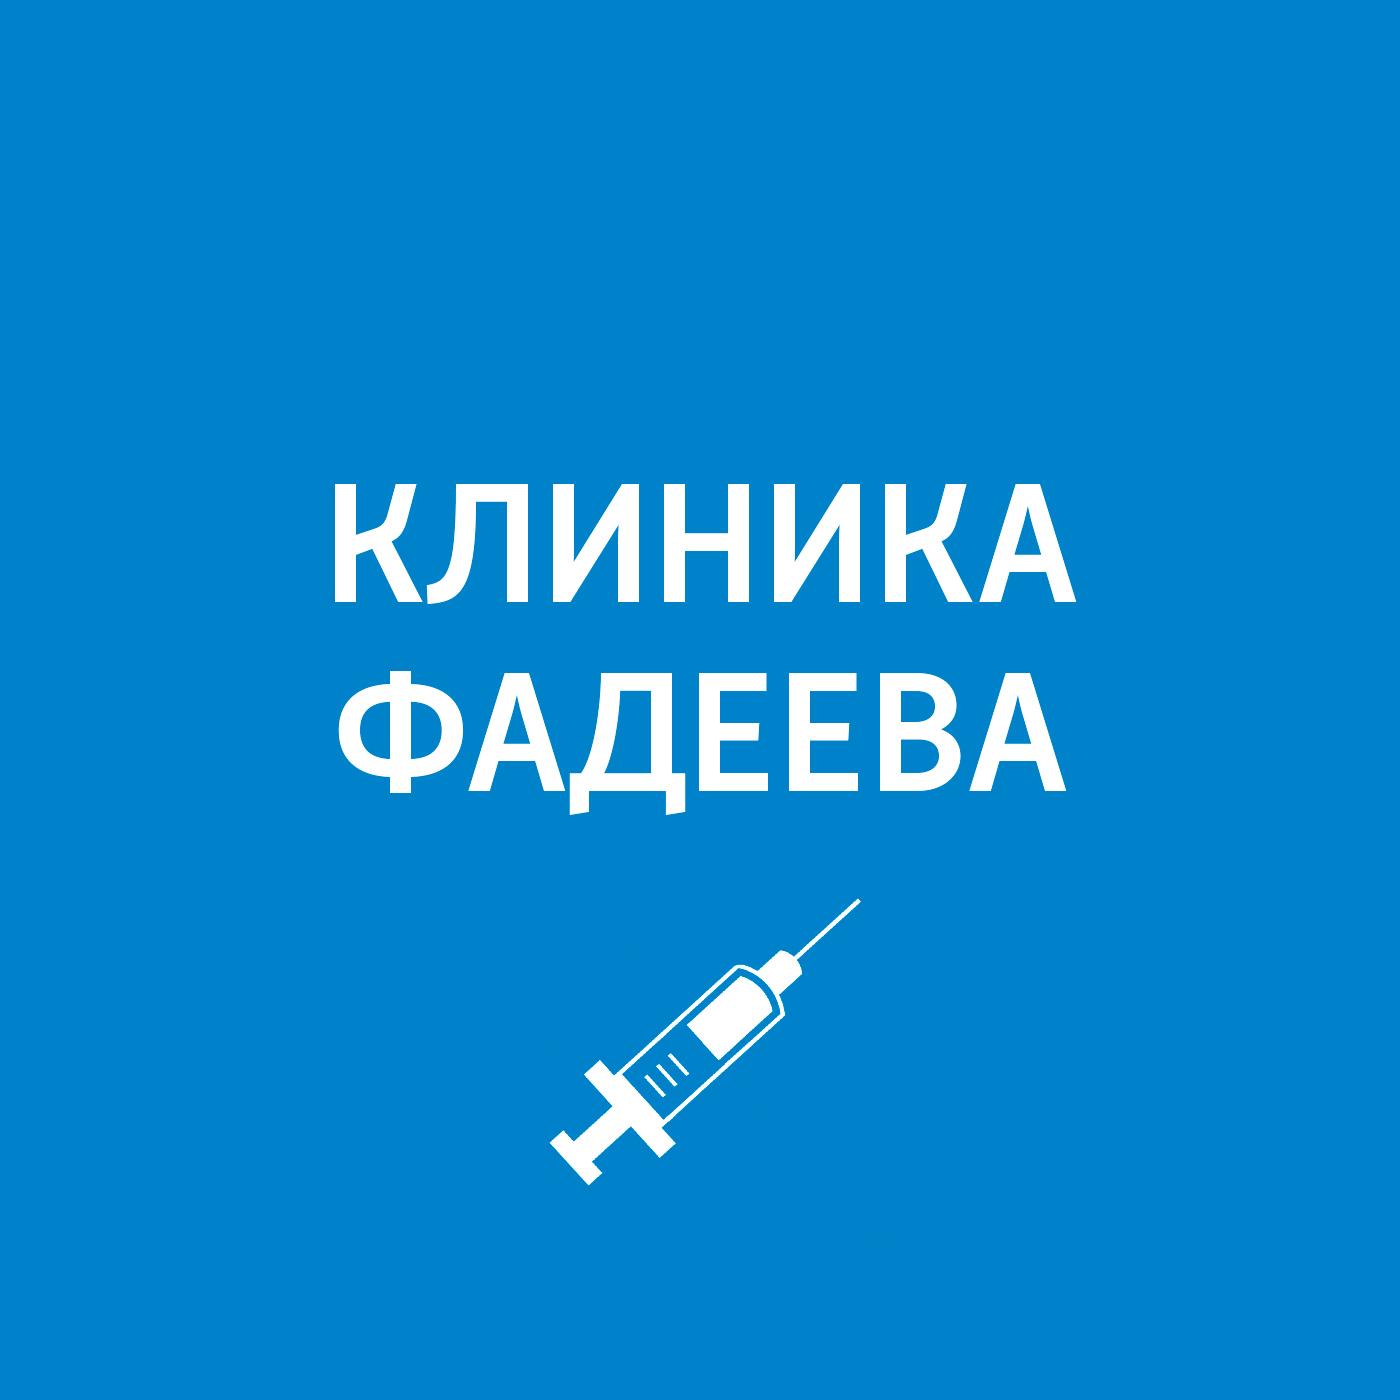 Пётр Фадеев Приём ведёт врач-педиатр. Аллергия, ОРЗ и ответы на вопросы